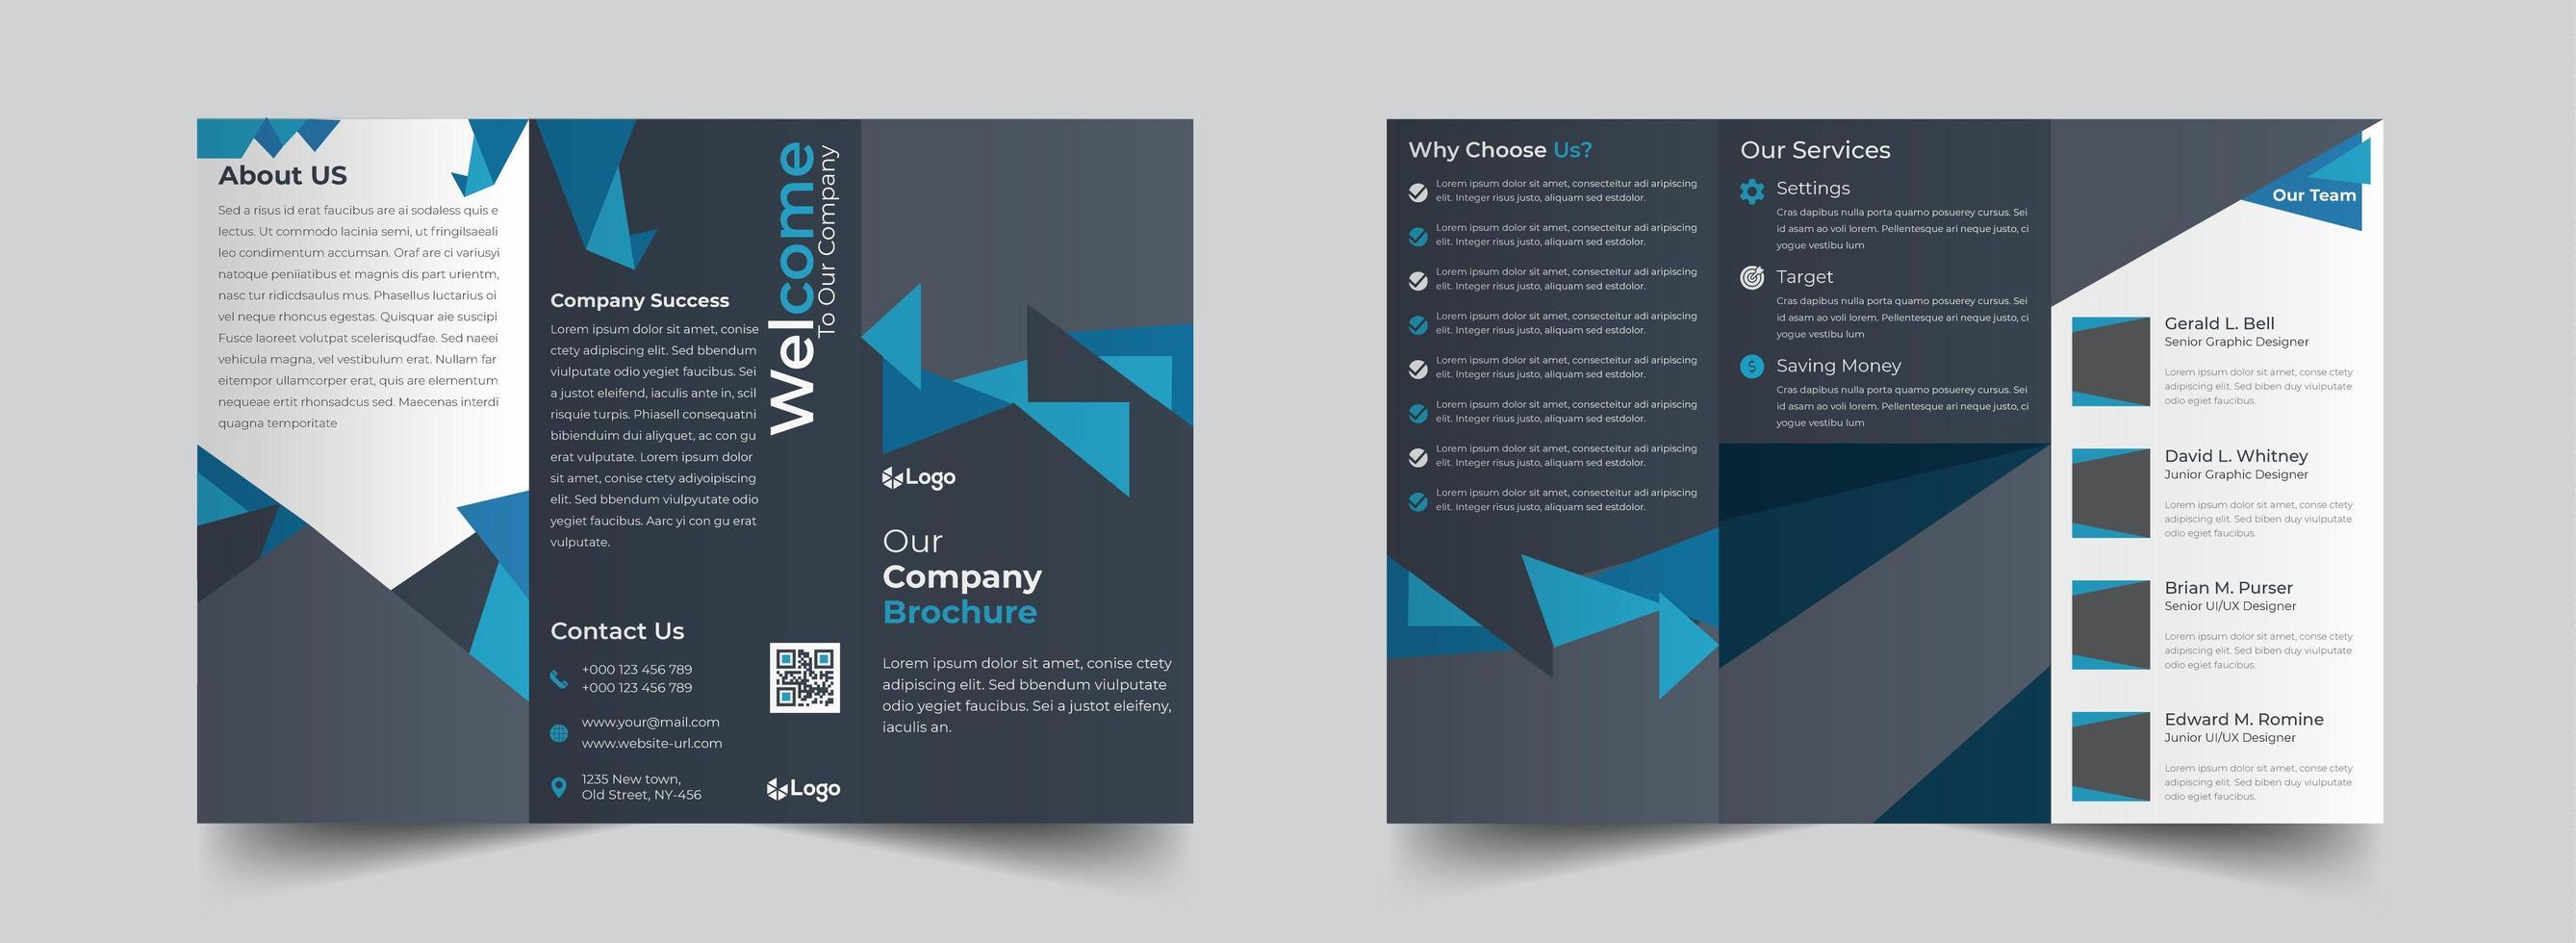 blå och grå triangulära former företags trebroschyr mall vektor